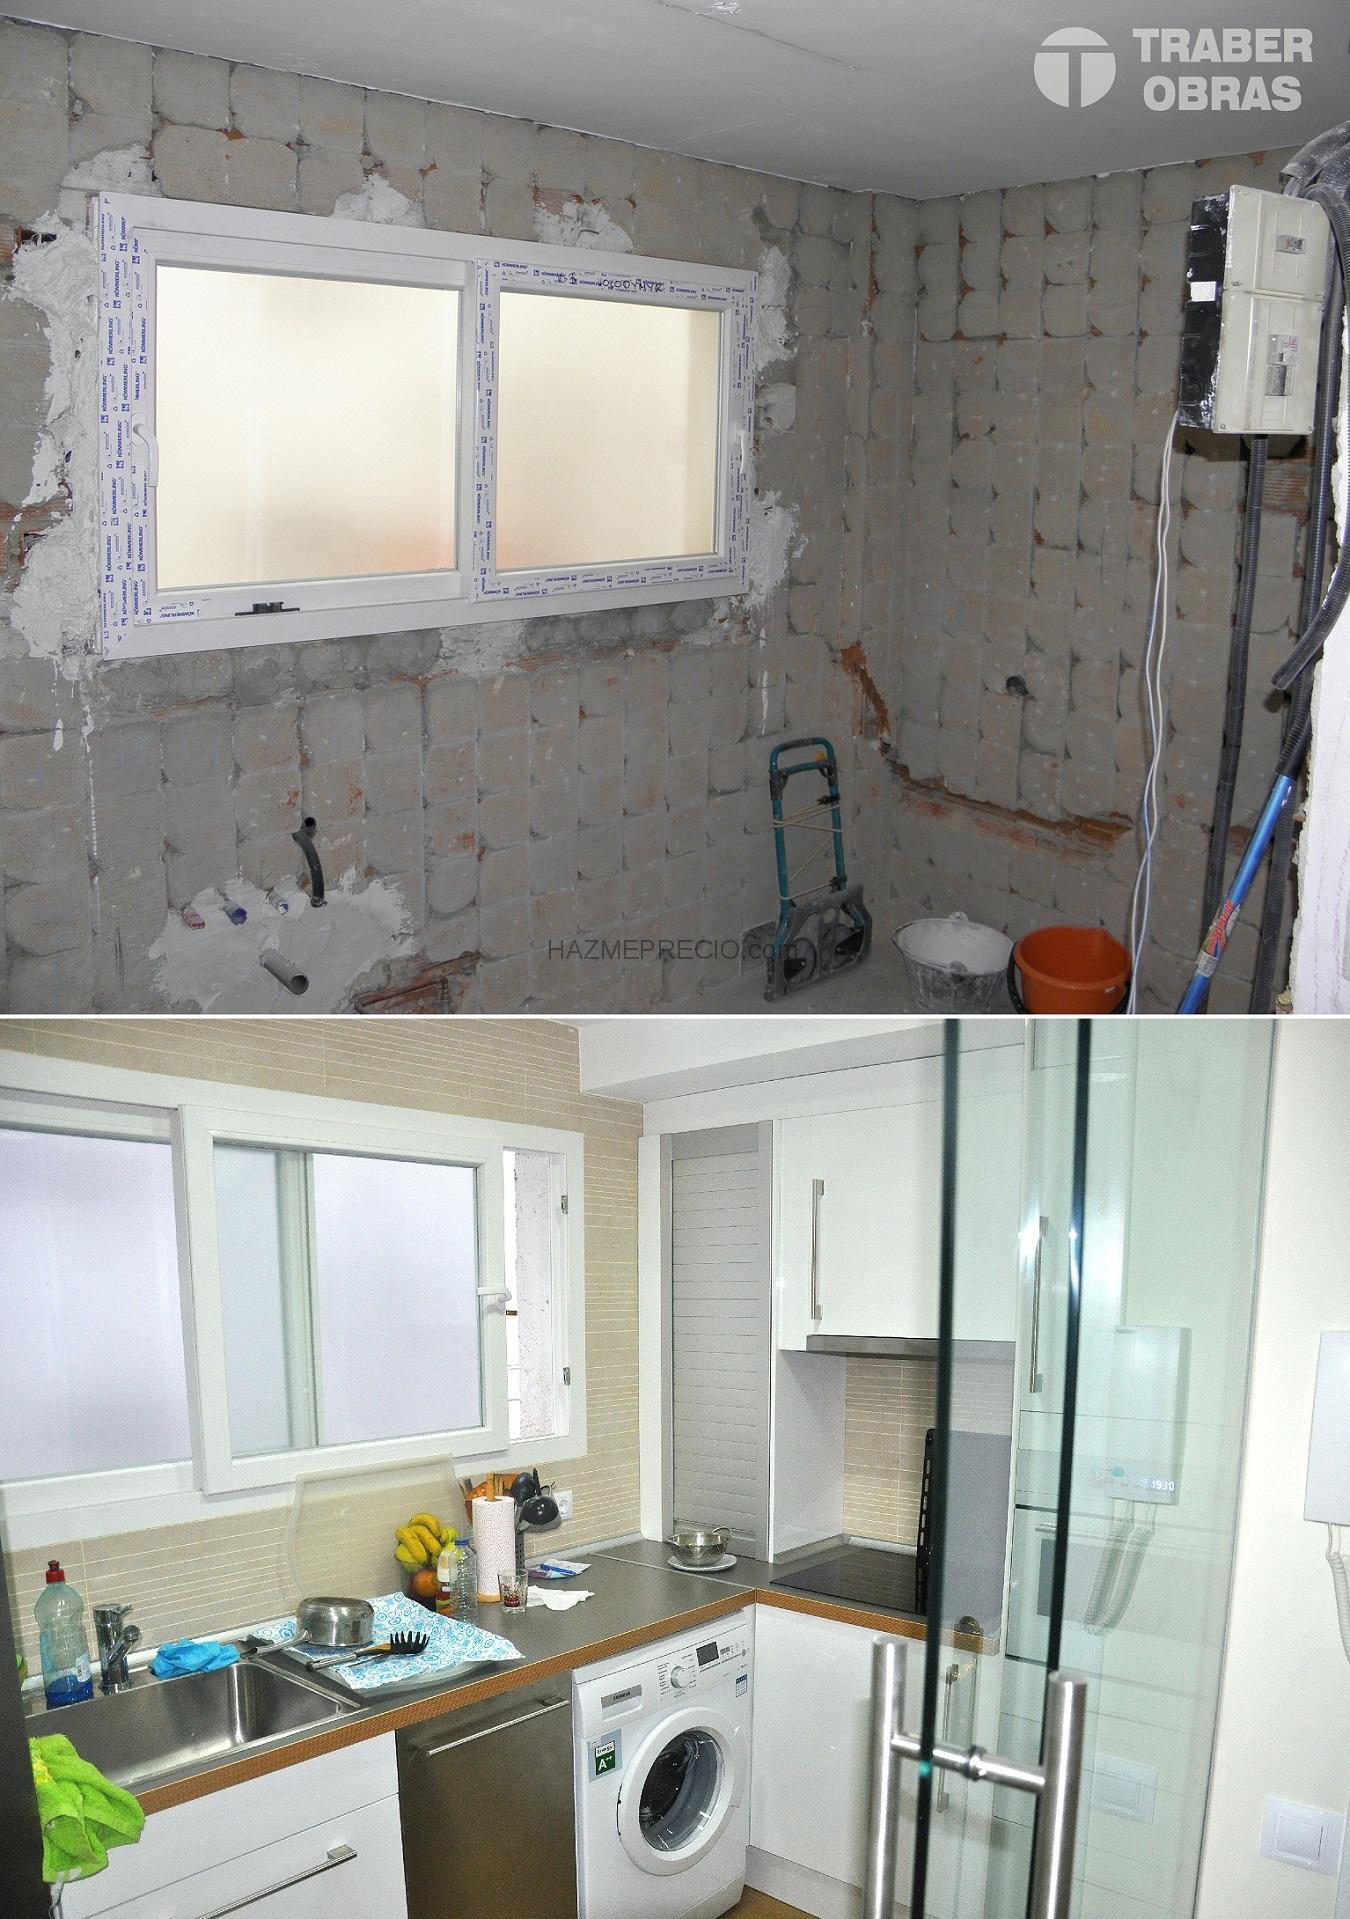 Reforma integral de vivienda situada en madrid getafe - Reformas de cocinas sin obras ...